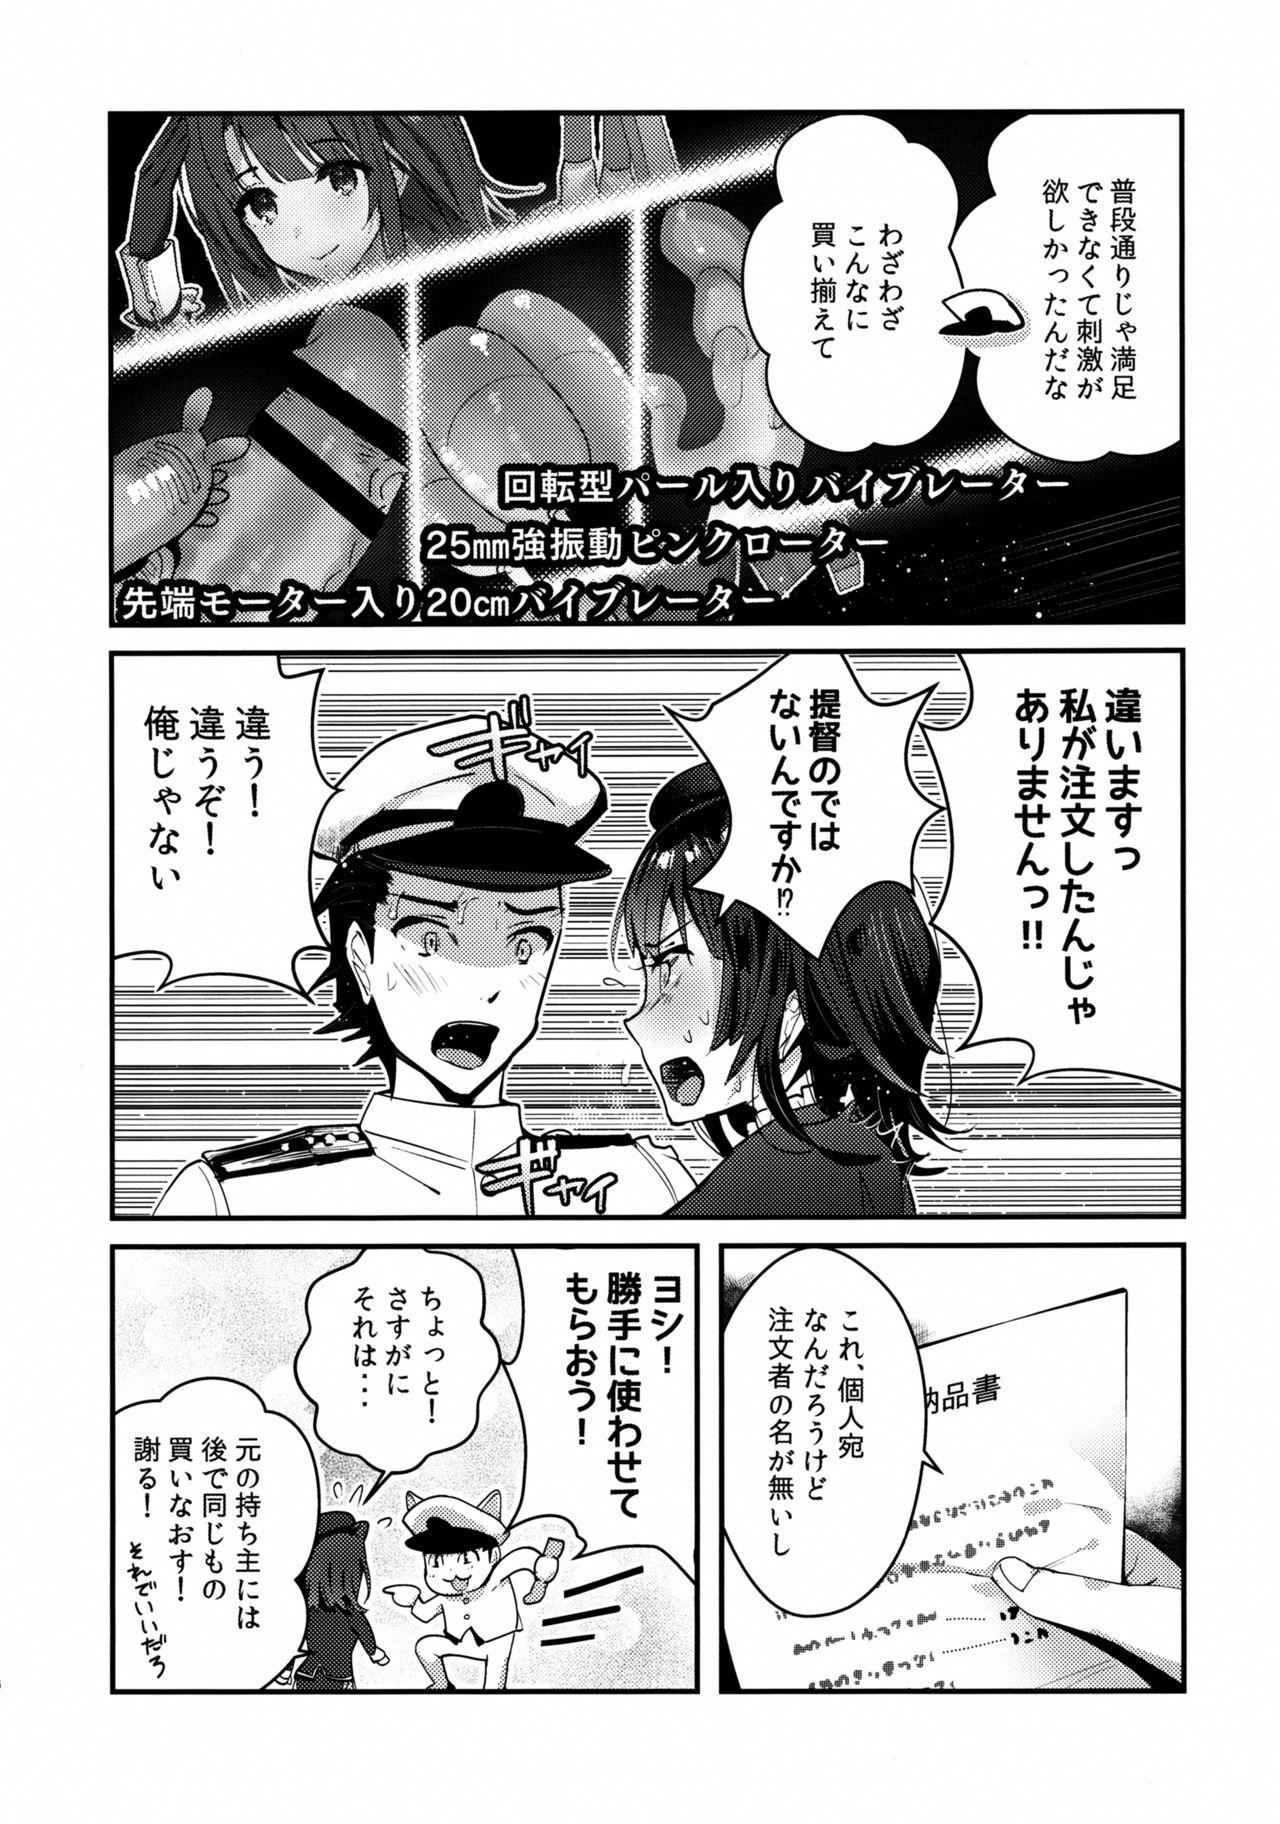 Binkan Takao Omocha Review Shite Miru? 4